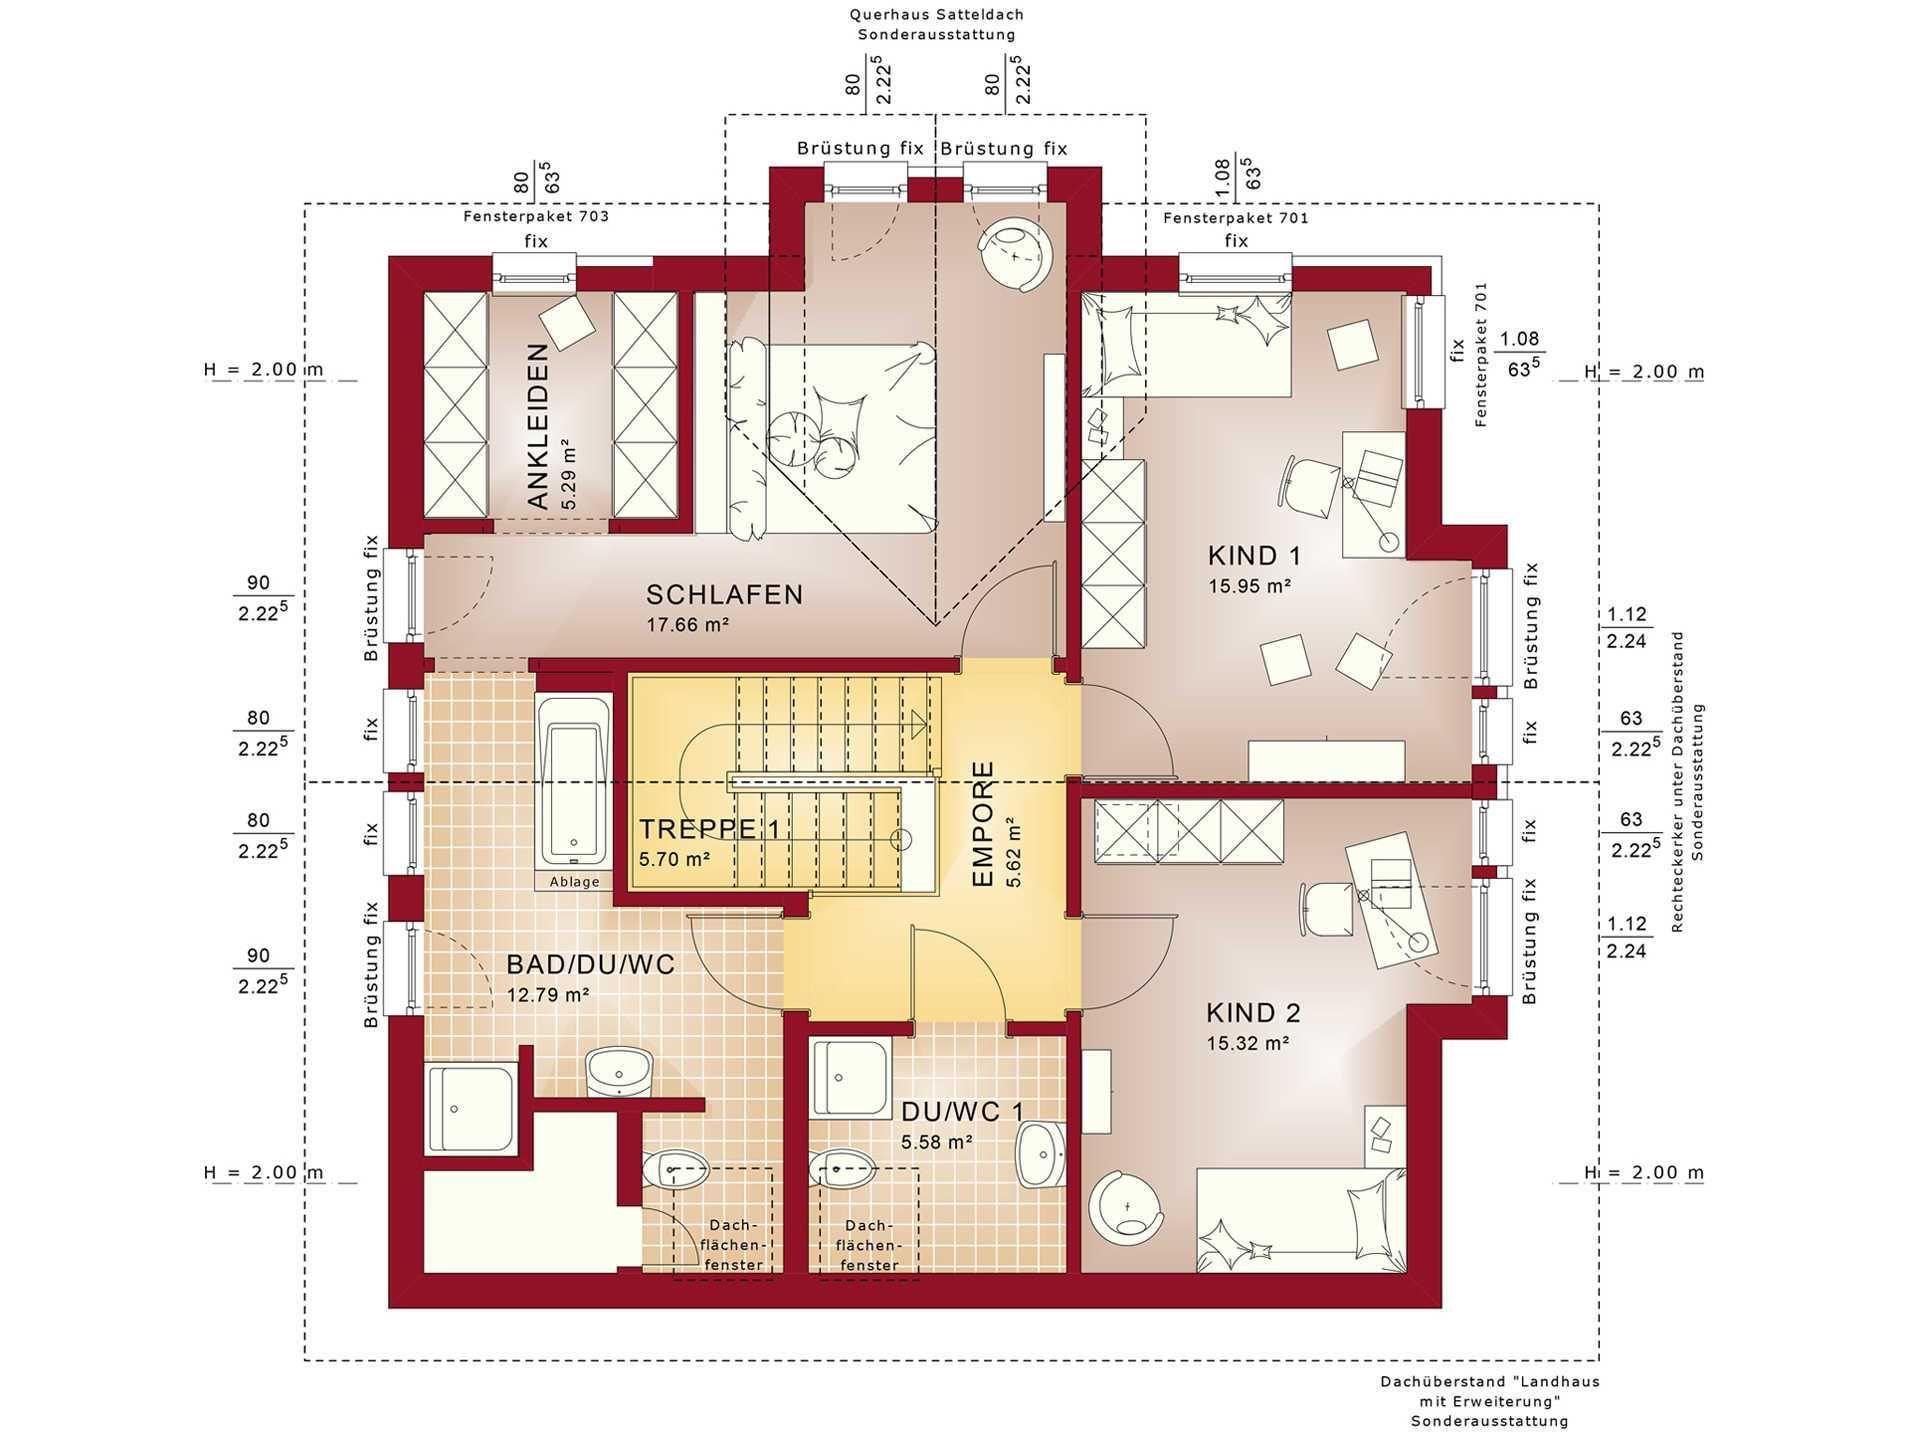 Einfamilienhaus FANTASTIC 161 V4 BienZenker (mit